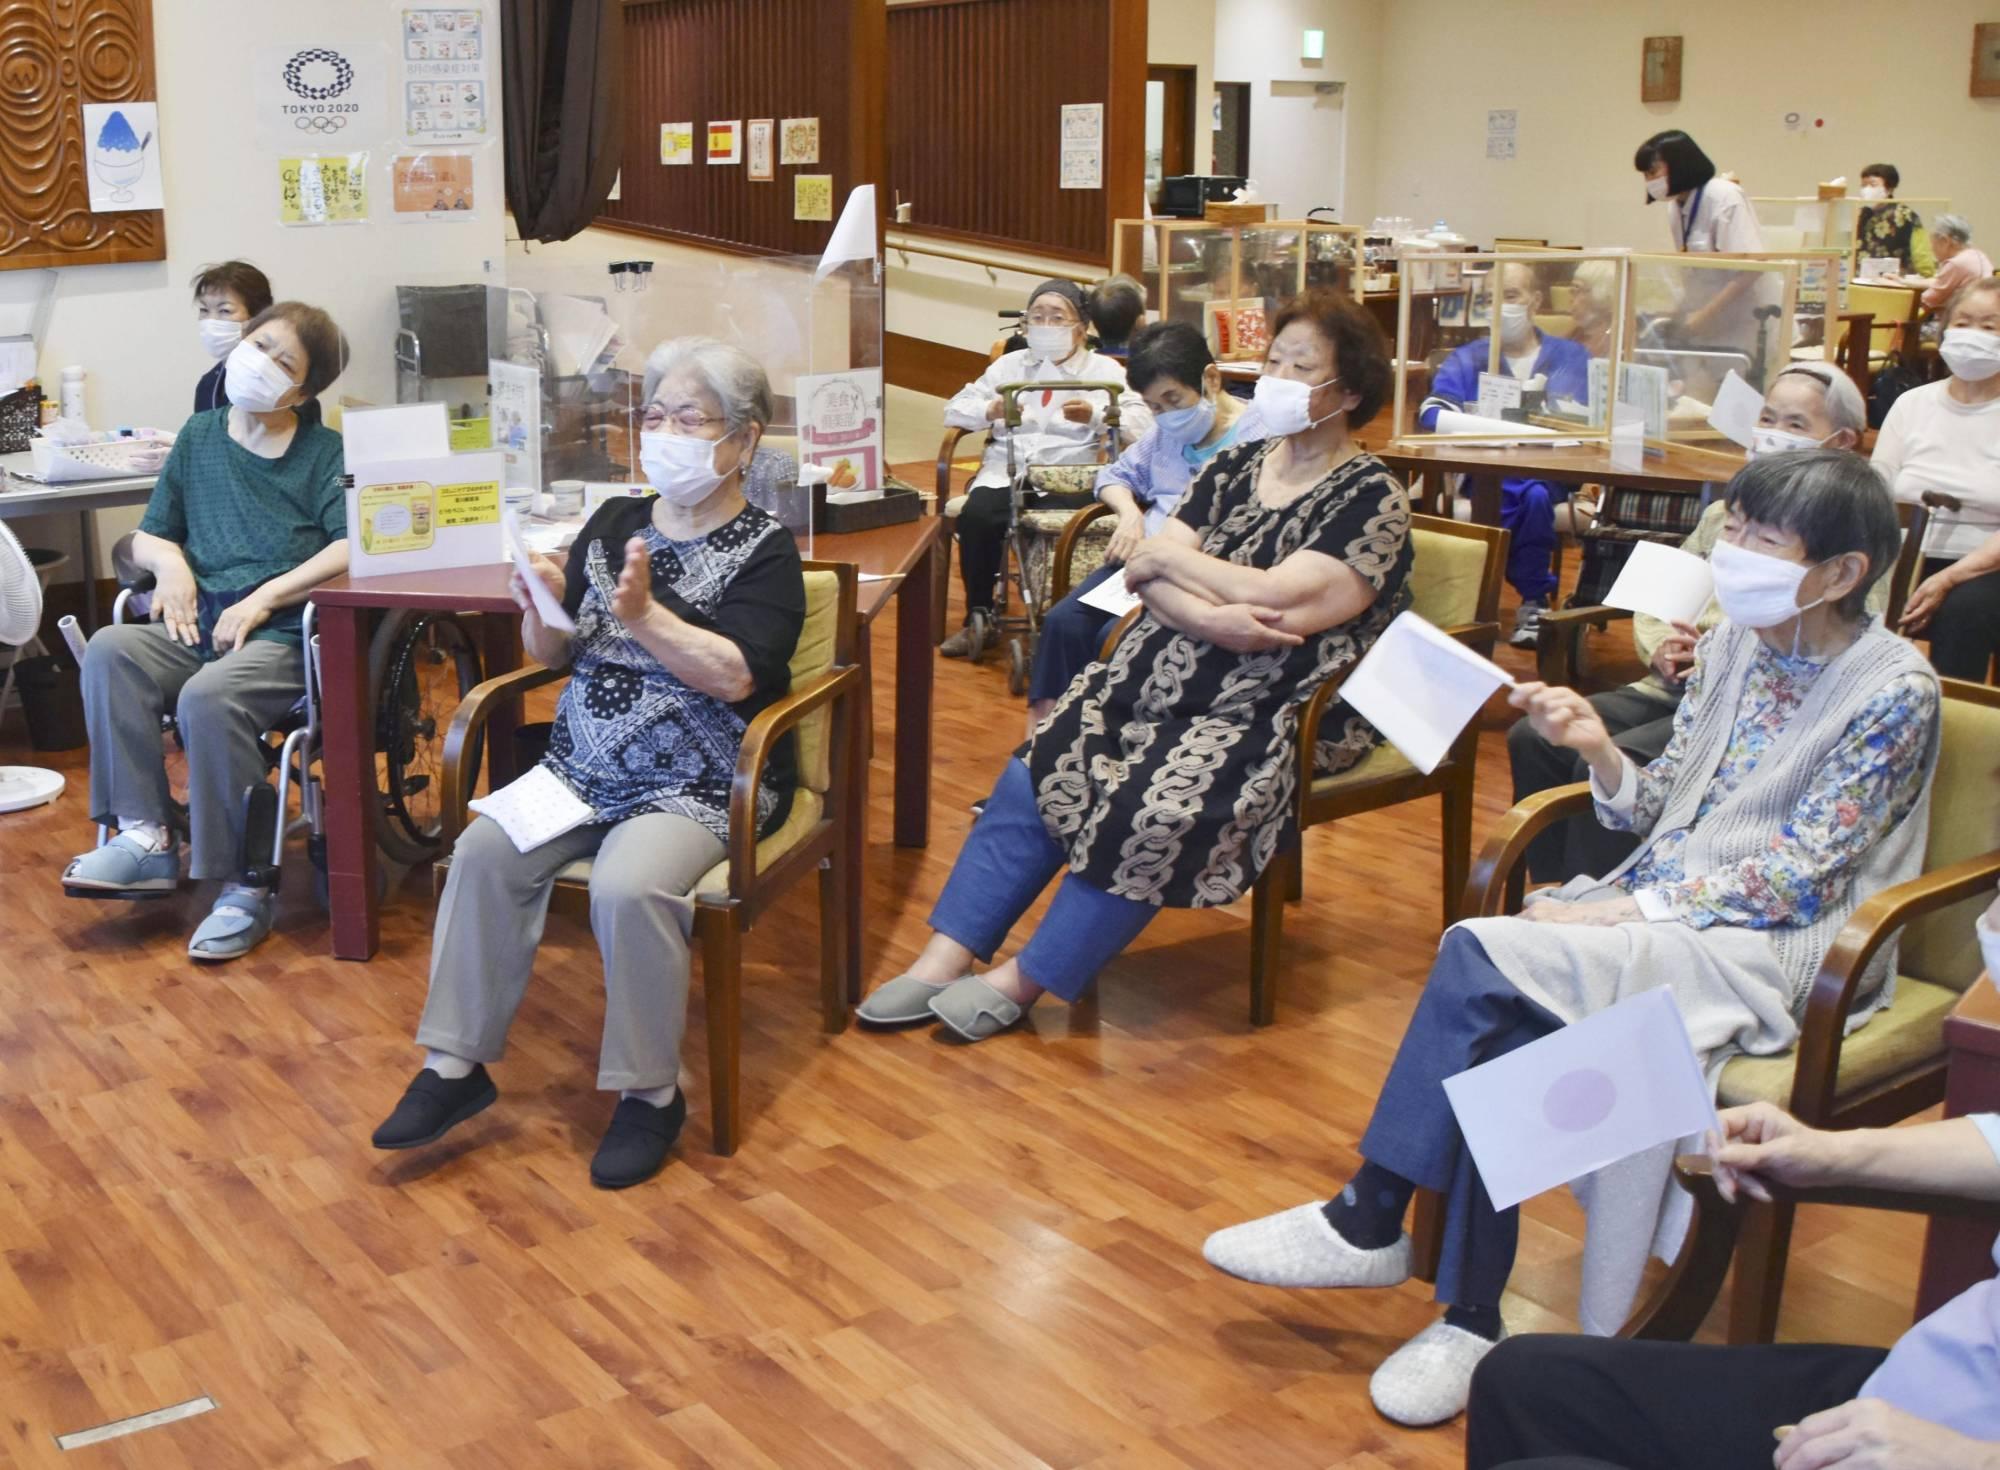 Dân số Nhật Bản từ 65 tuổi trở lên ước tính đạt mức cao kỷ lục 36,4 triệu người vào thứ Tư, Bộ Nội vụ Nhật Bản cho biết hôm Chủ nhật.   KYODO